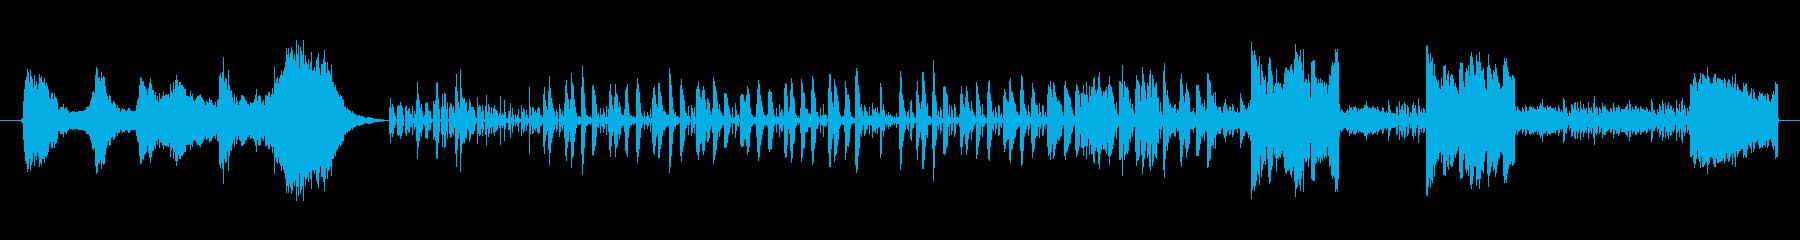 フラメンコの情熱を想わせるギターの音色の再生済みの波形